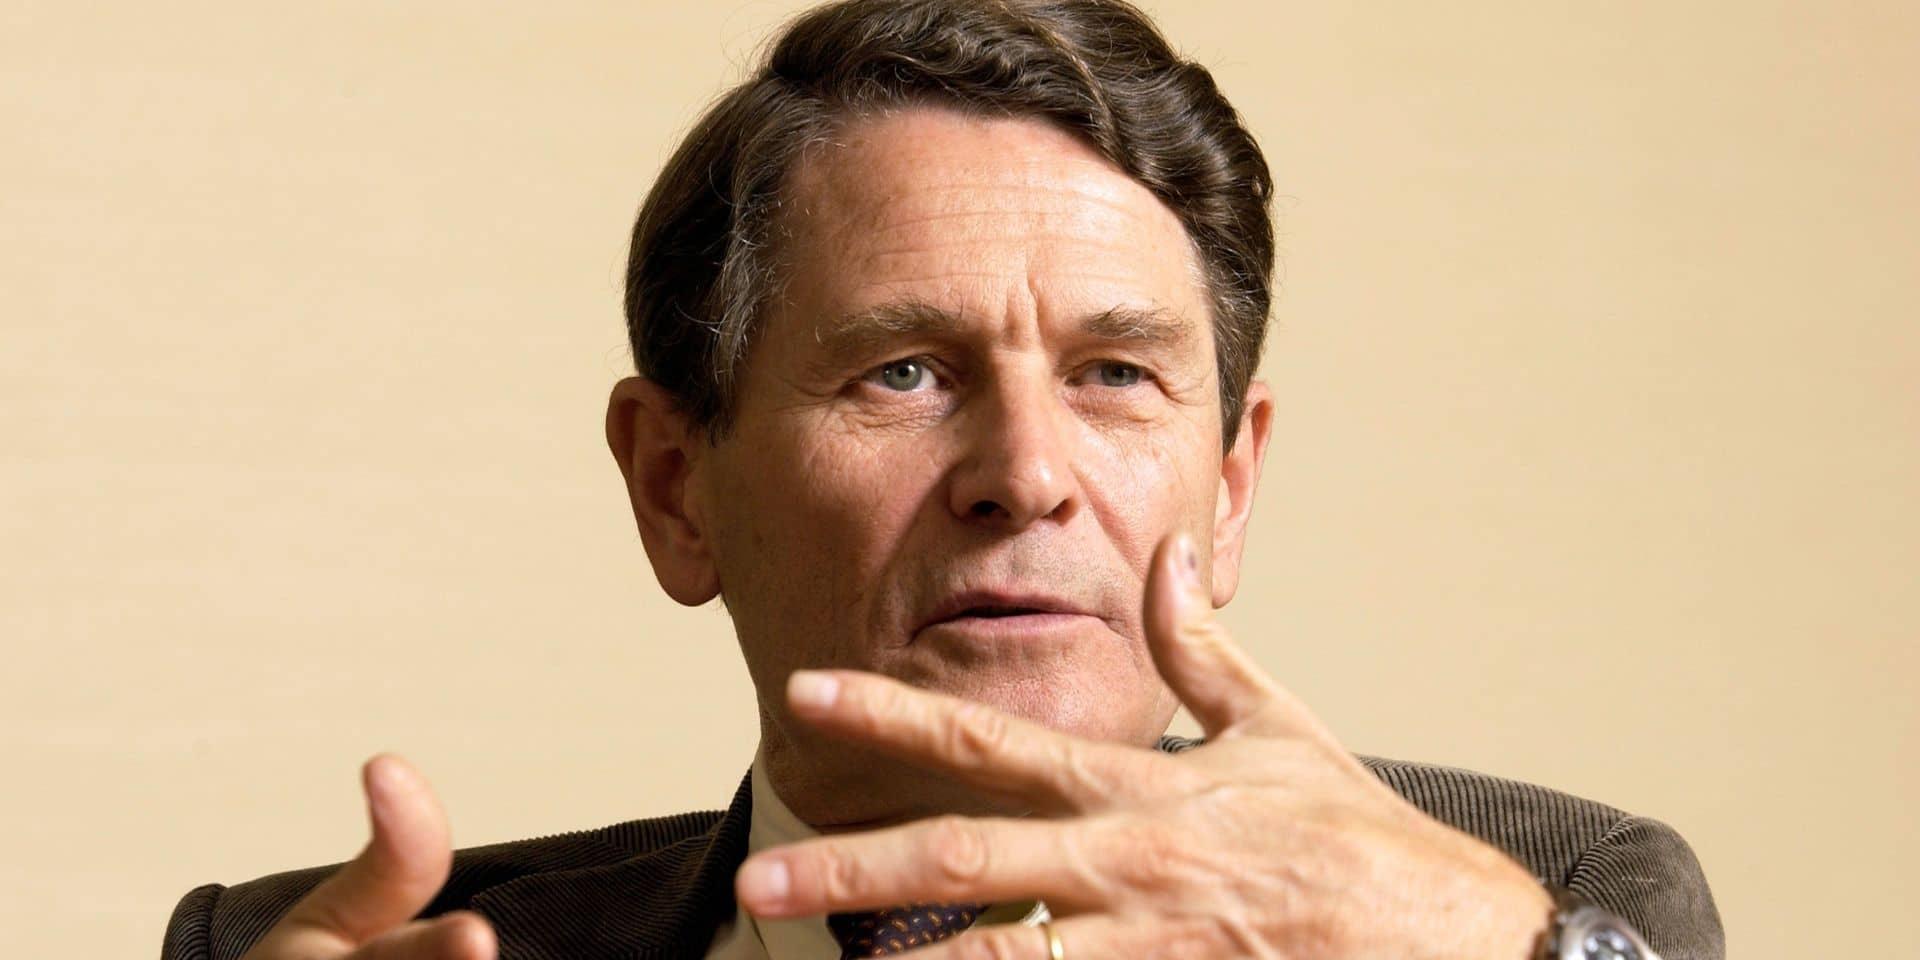 Décès de Philippe Bodson: portrait d'un patron qui a marqué les 30 dernières années de la vie économique belge